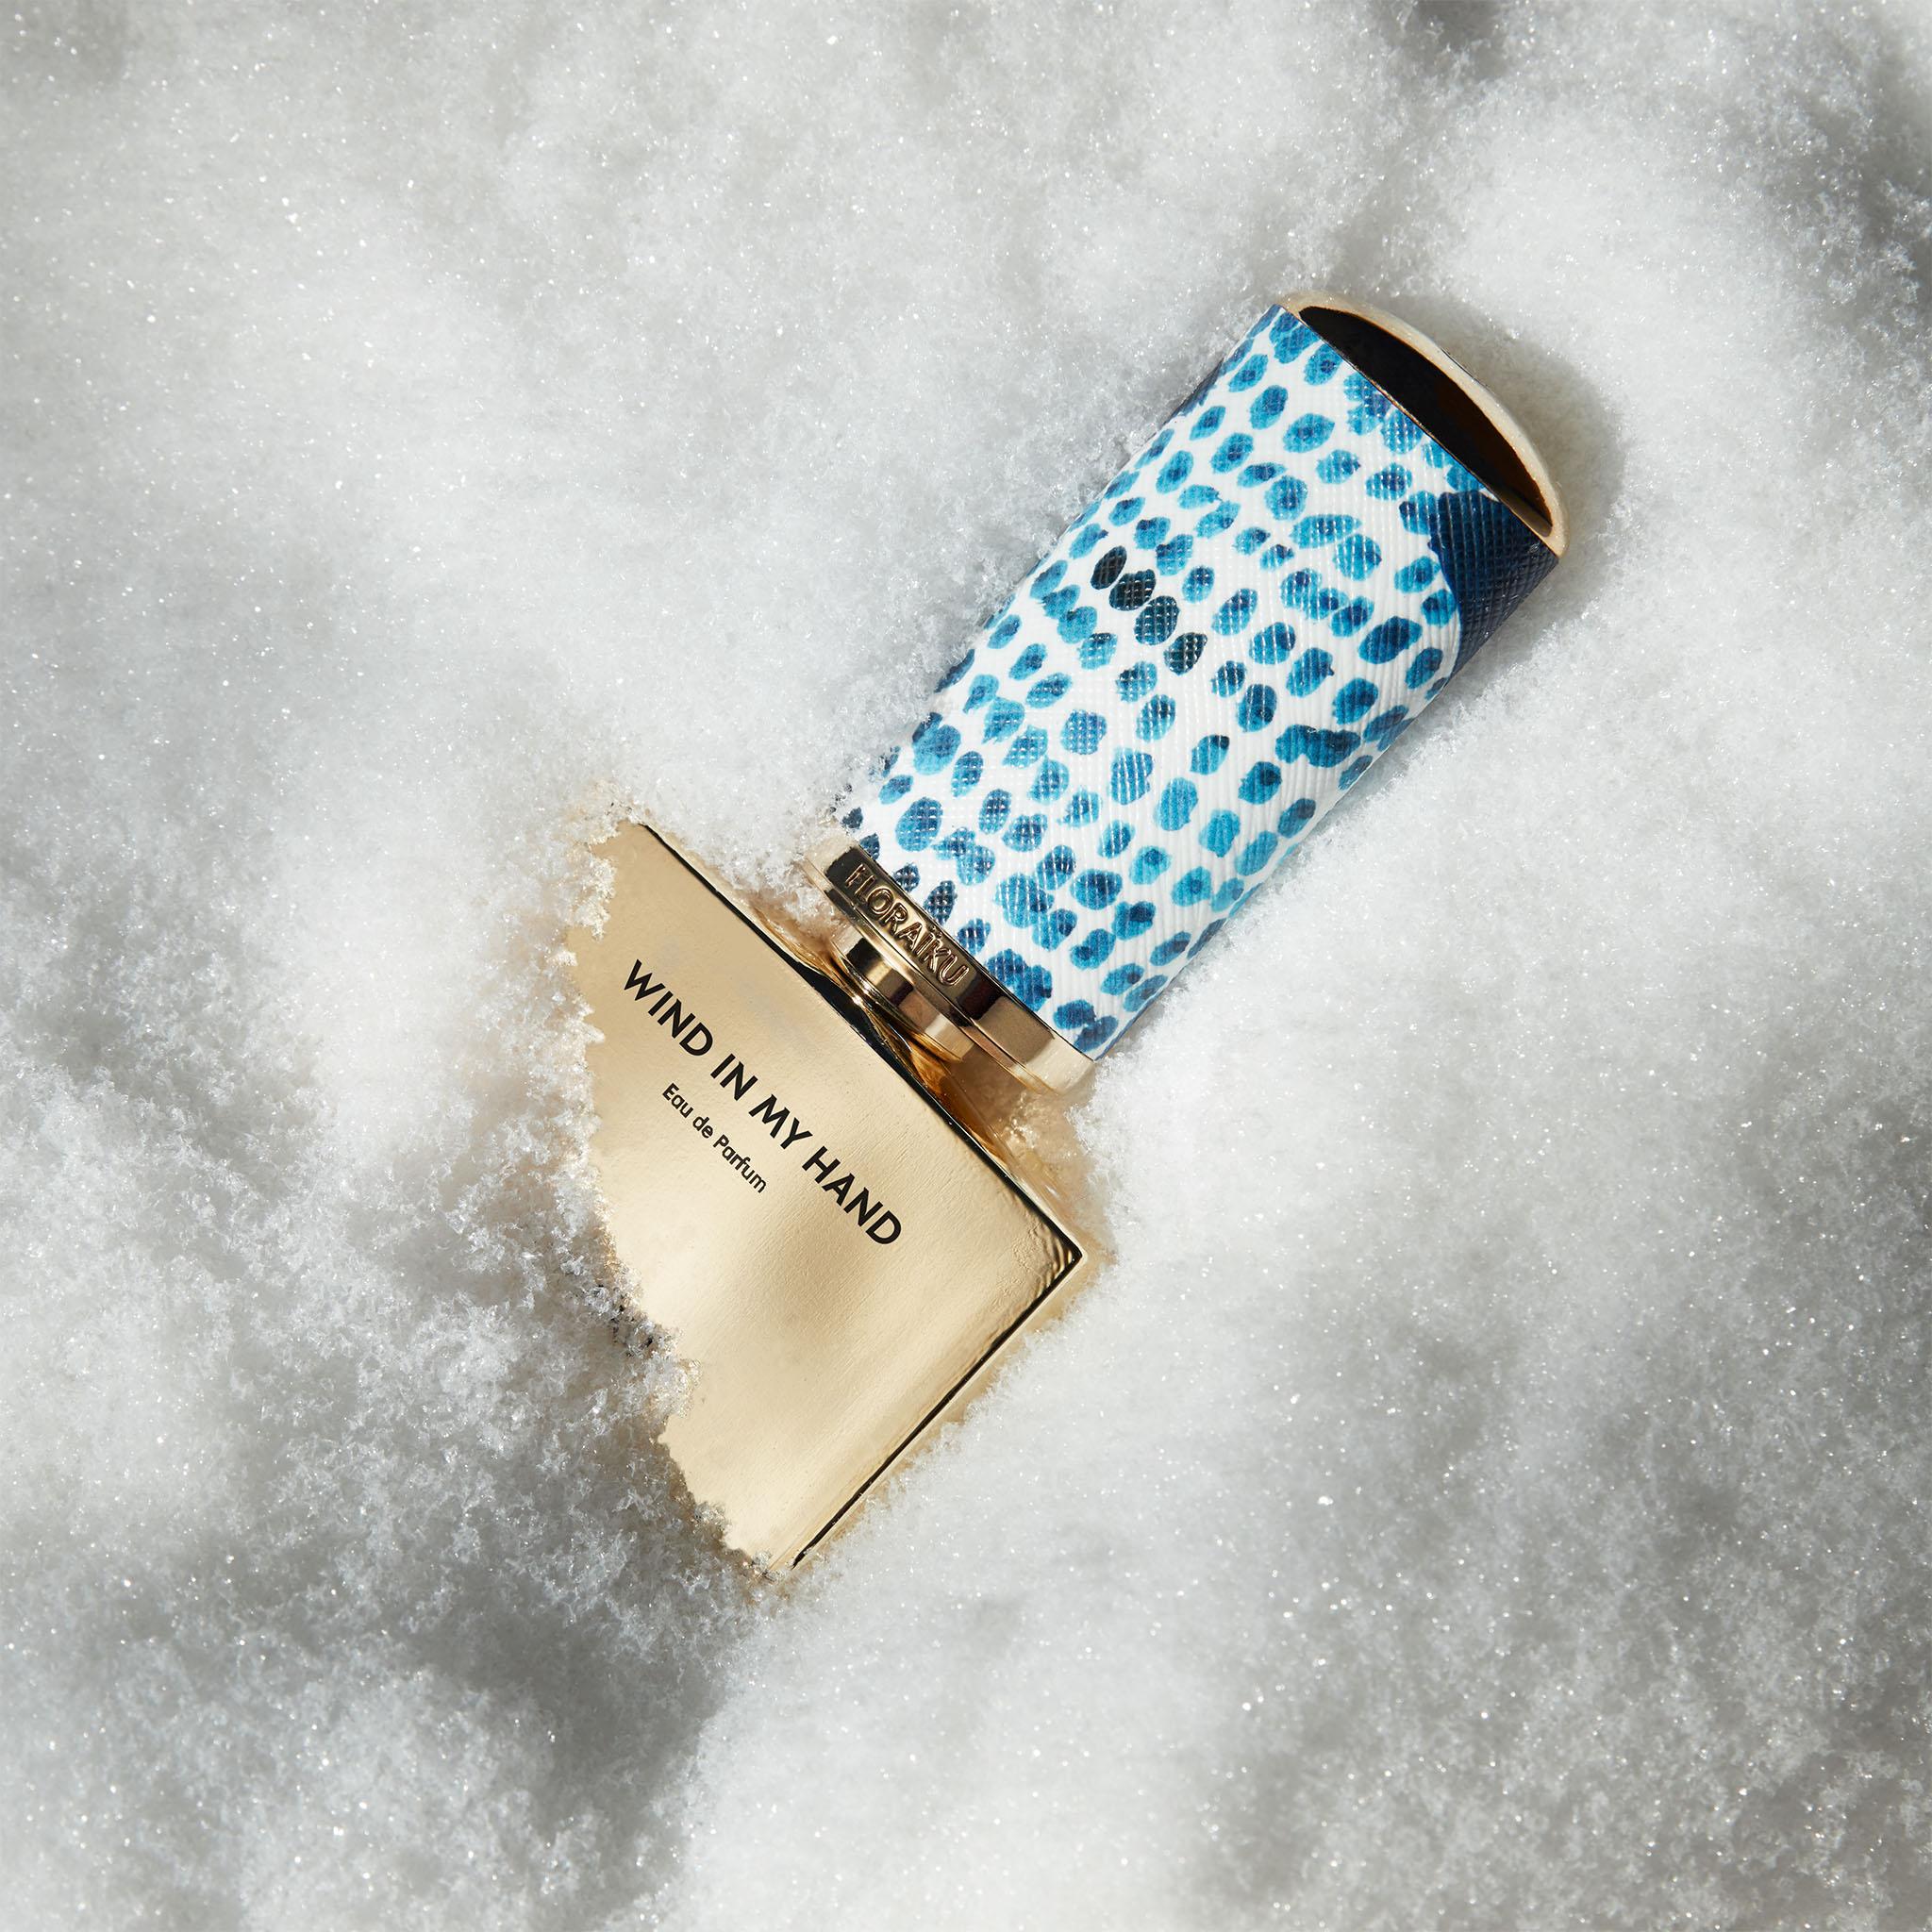 FLORAÏKU Brand Content. Parfum Japon Instagram Photos Wind in my Hand